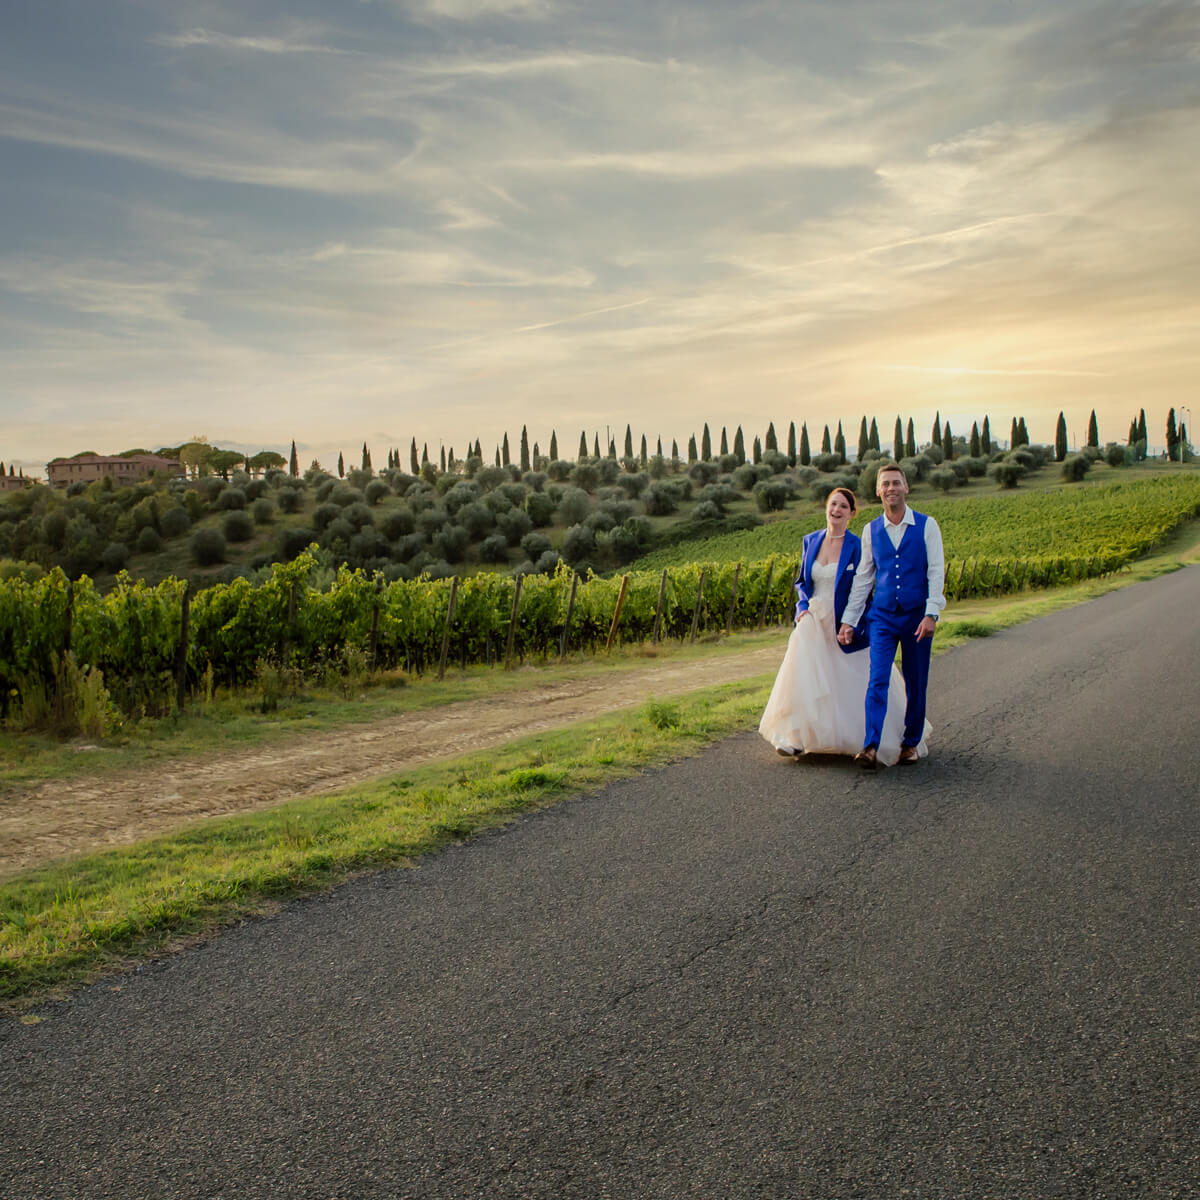 Toskana-Hochzeit_Lanschaft